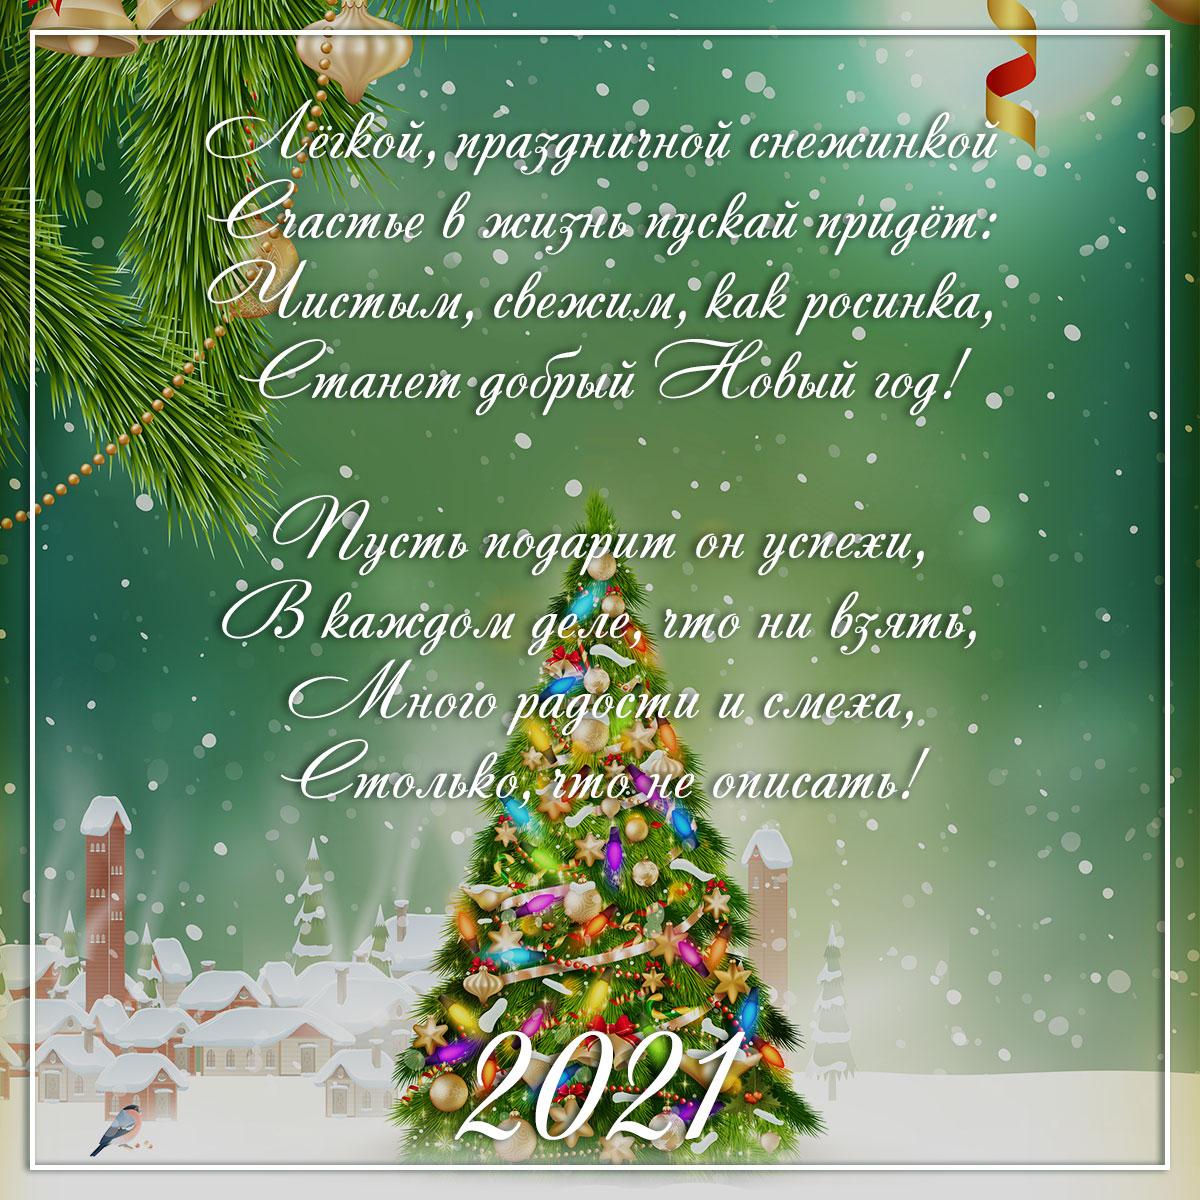 Новогоднее поздравление в стихах с зелёной ёлкой на фоне зимнего городка.